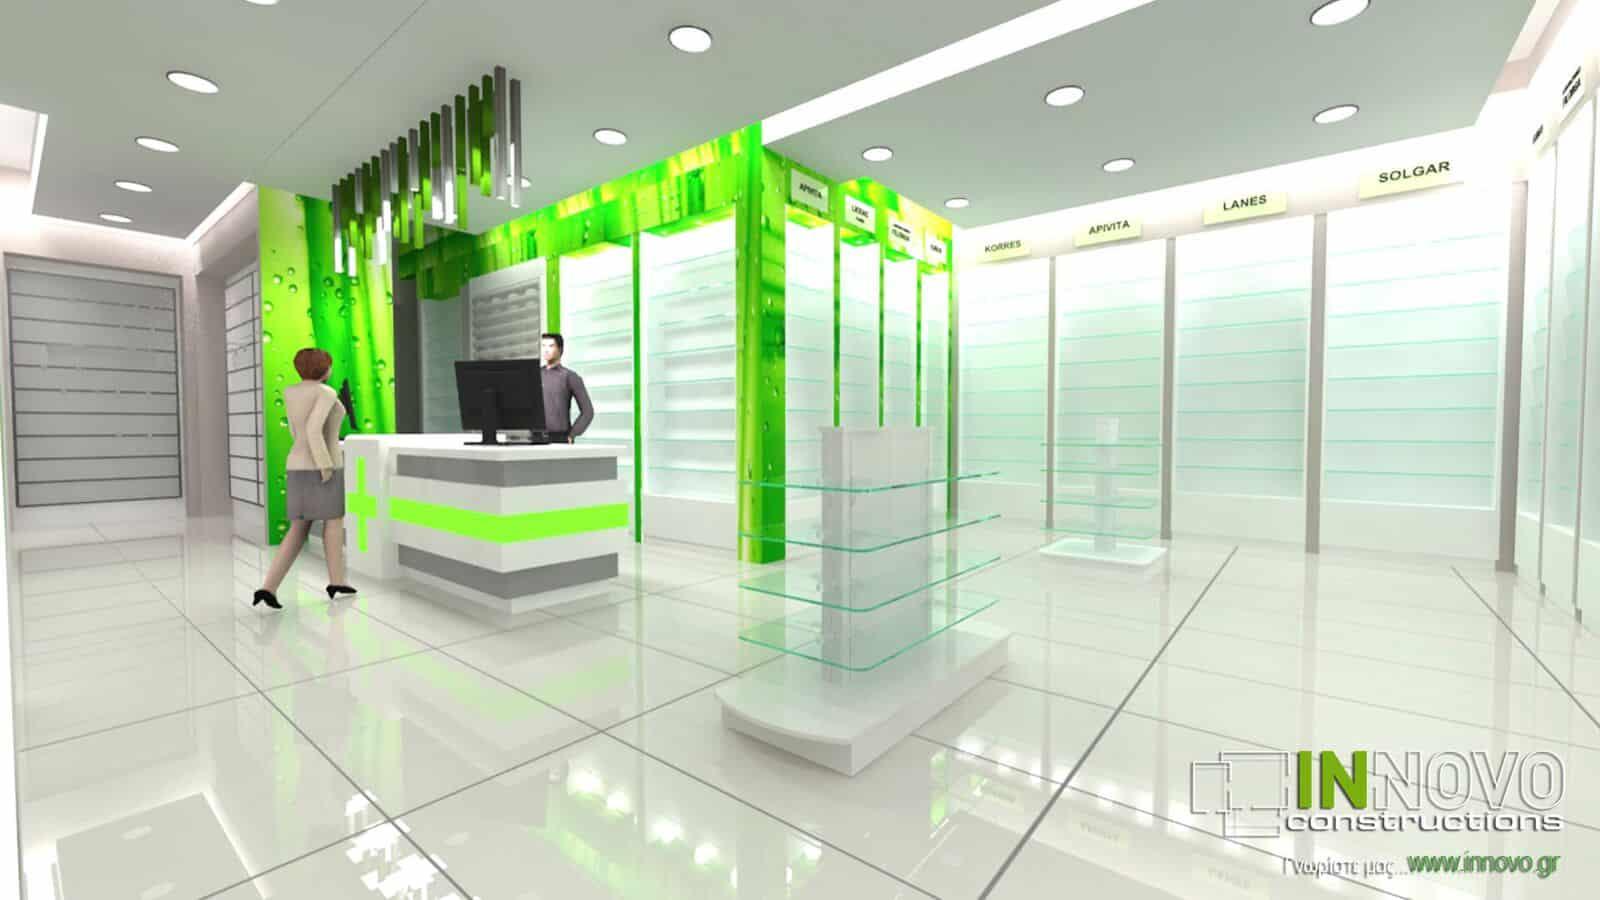 Σχεδιασμός Φαρμακείου στο Νέο Ηράκλειο